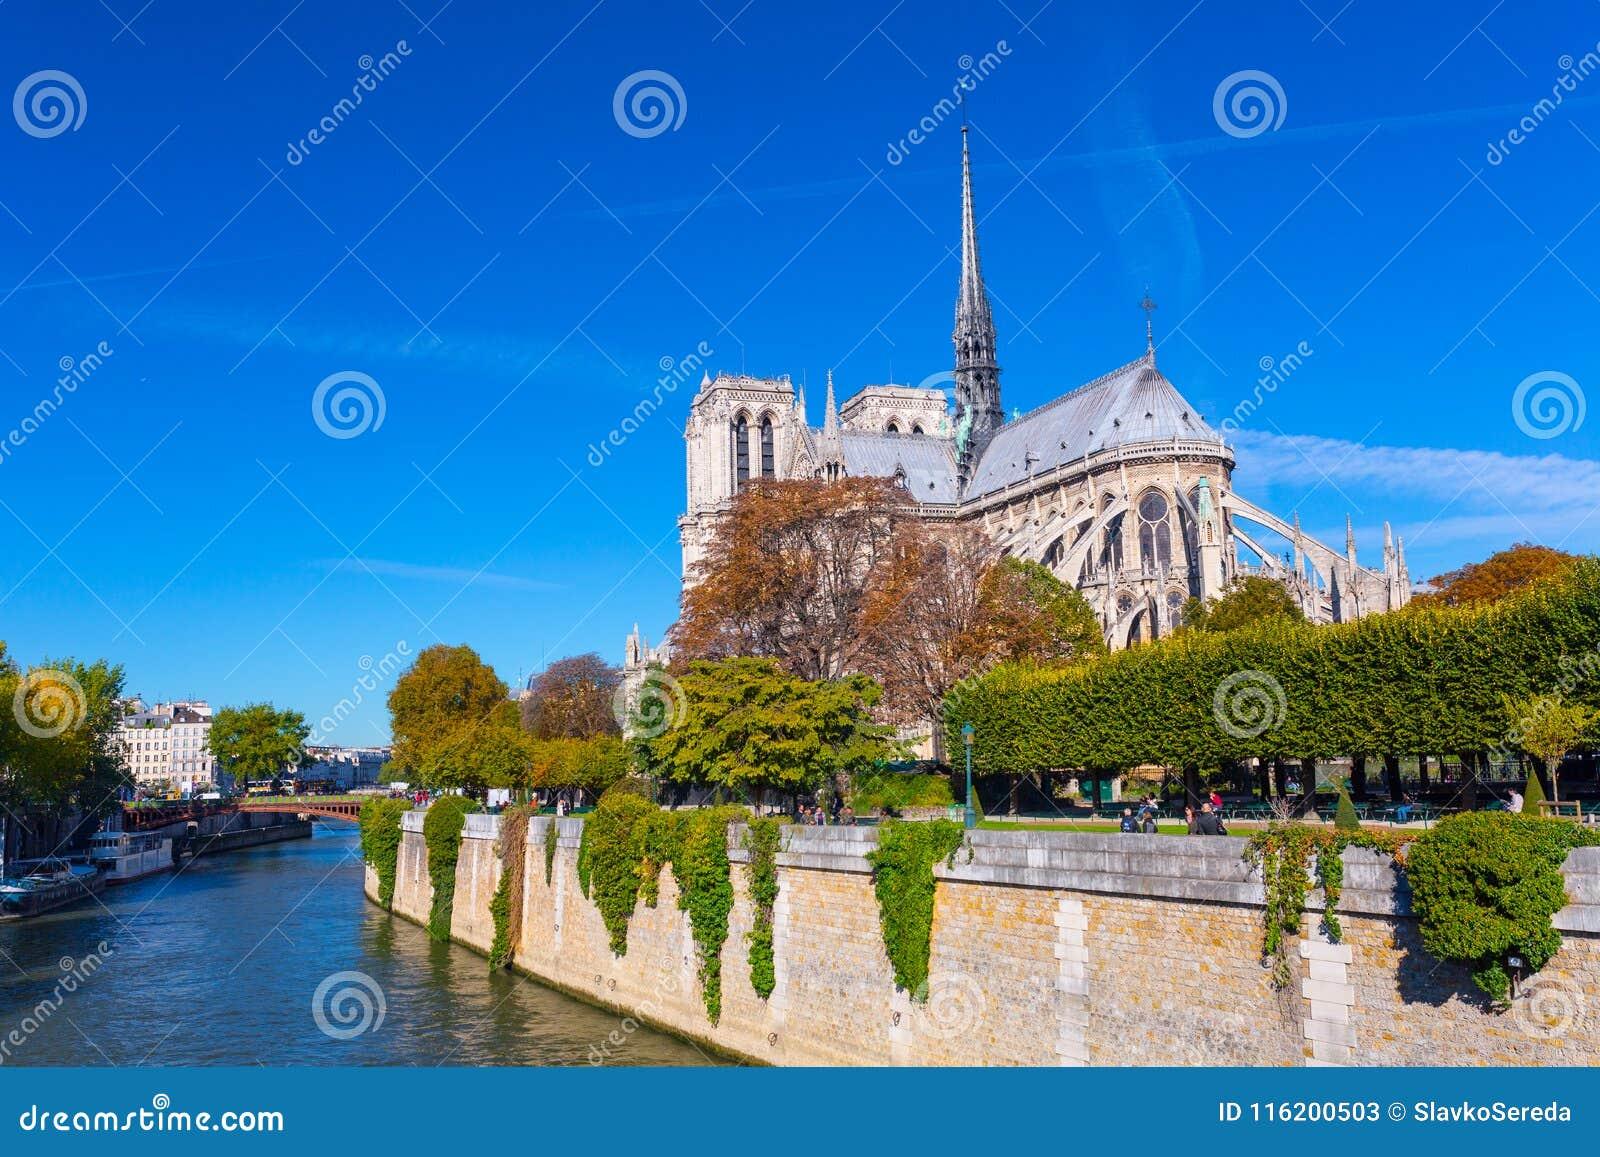 La cattedrale del Notre Dame de Paris, Francia